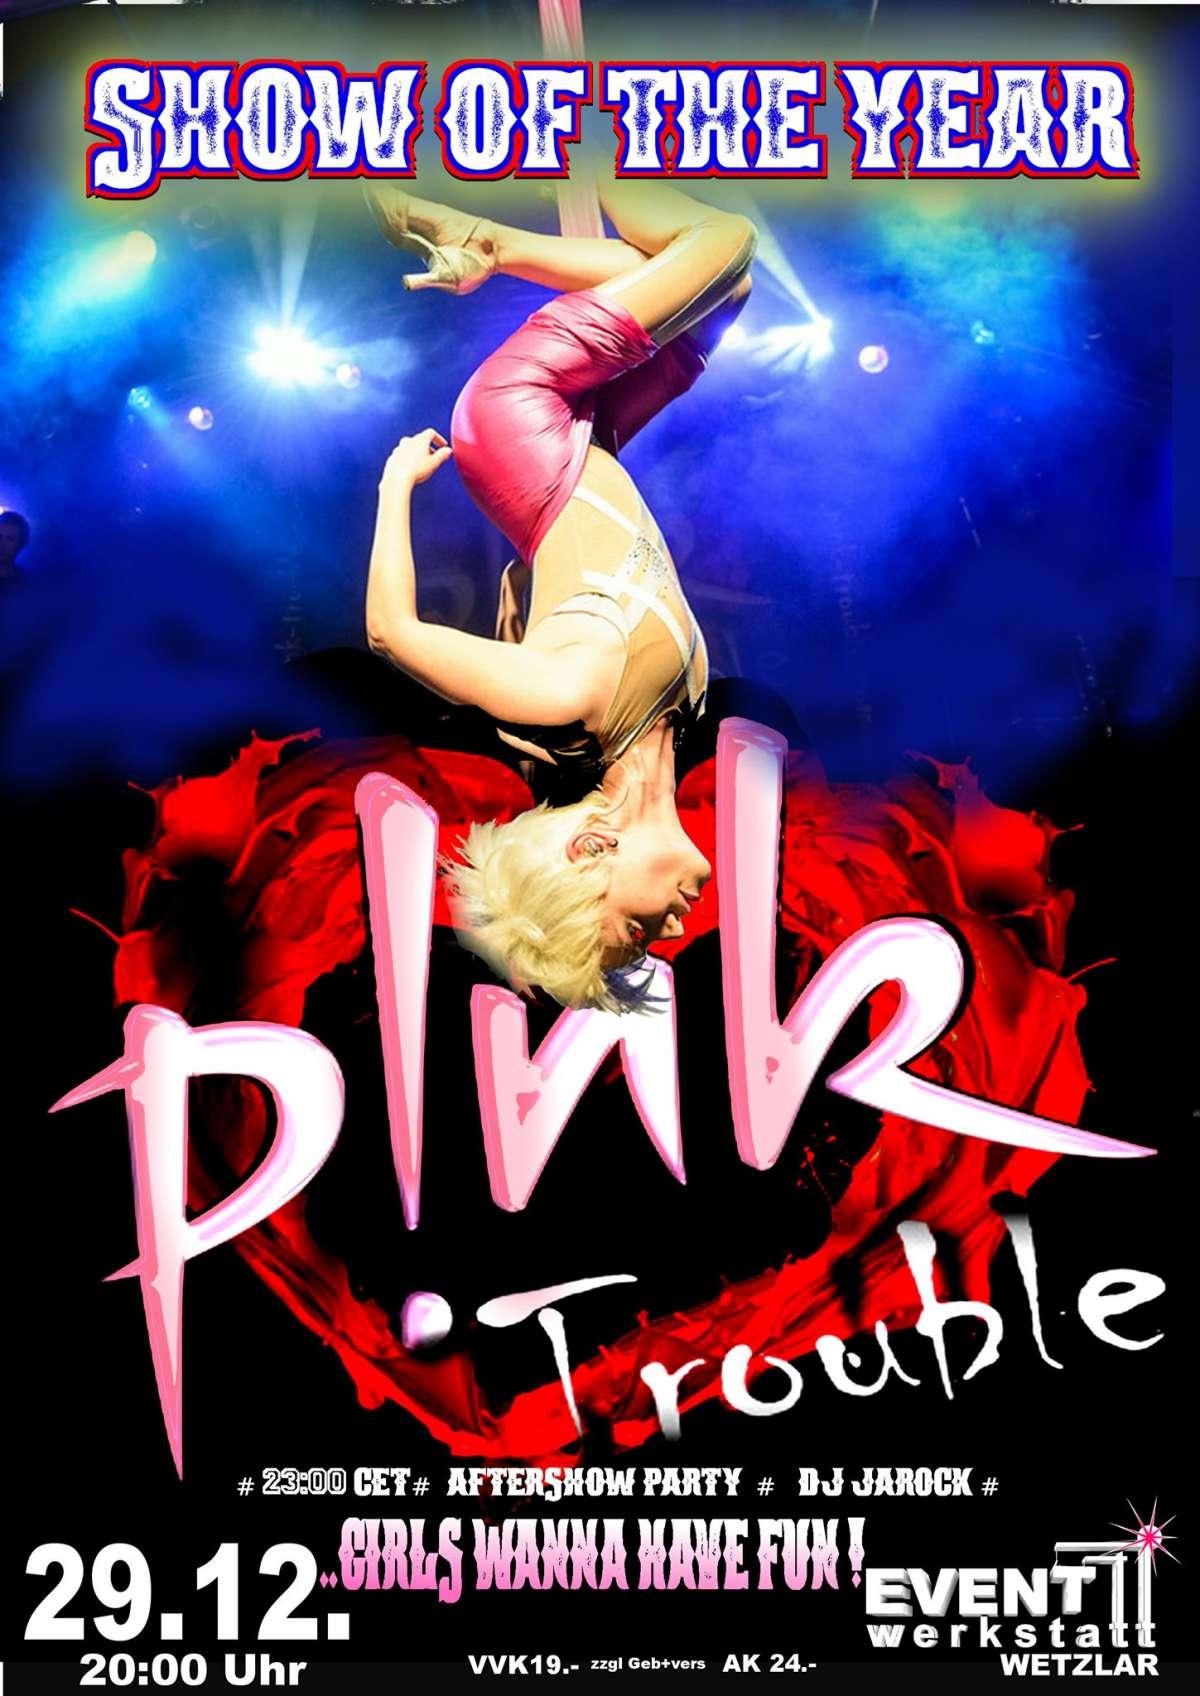 Pink Trouble - Event Werkstatt  - Wetzlar